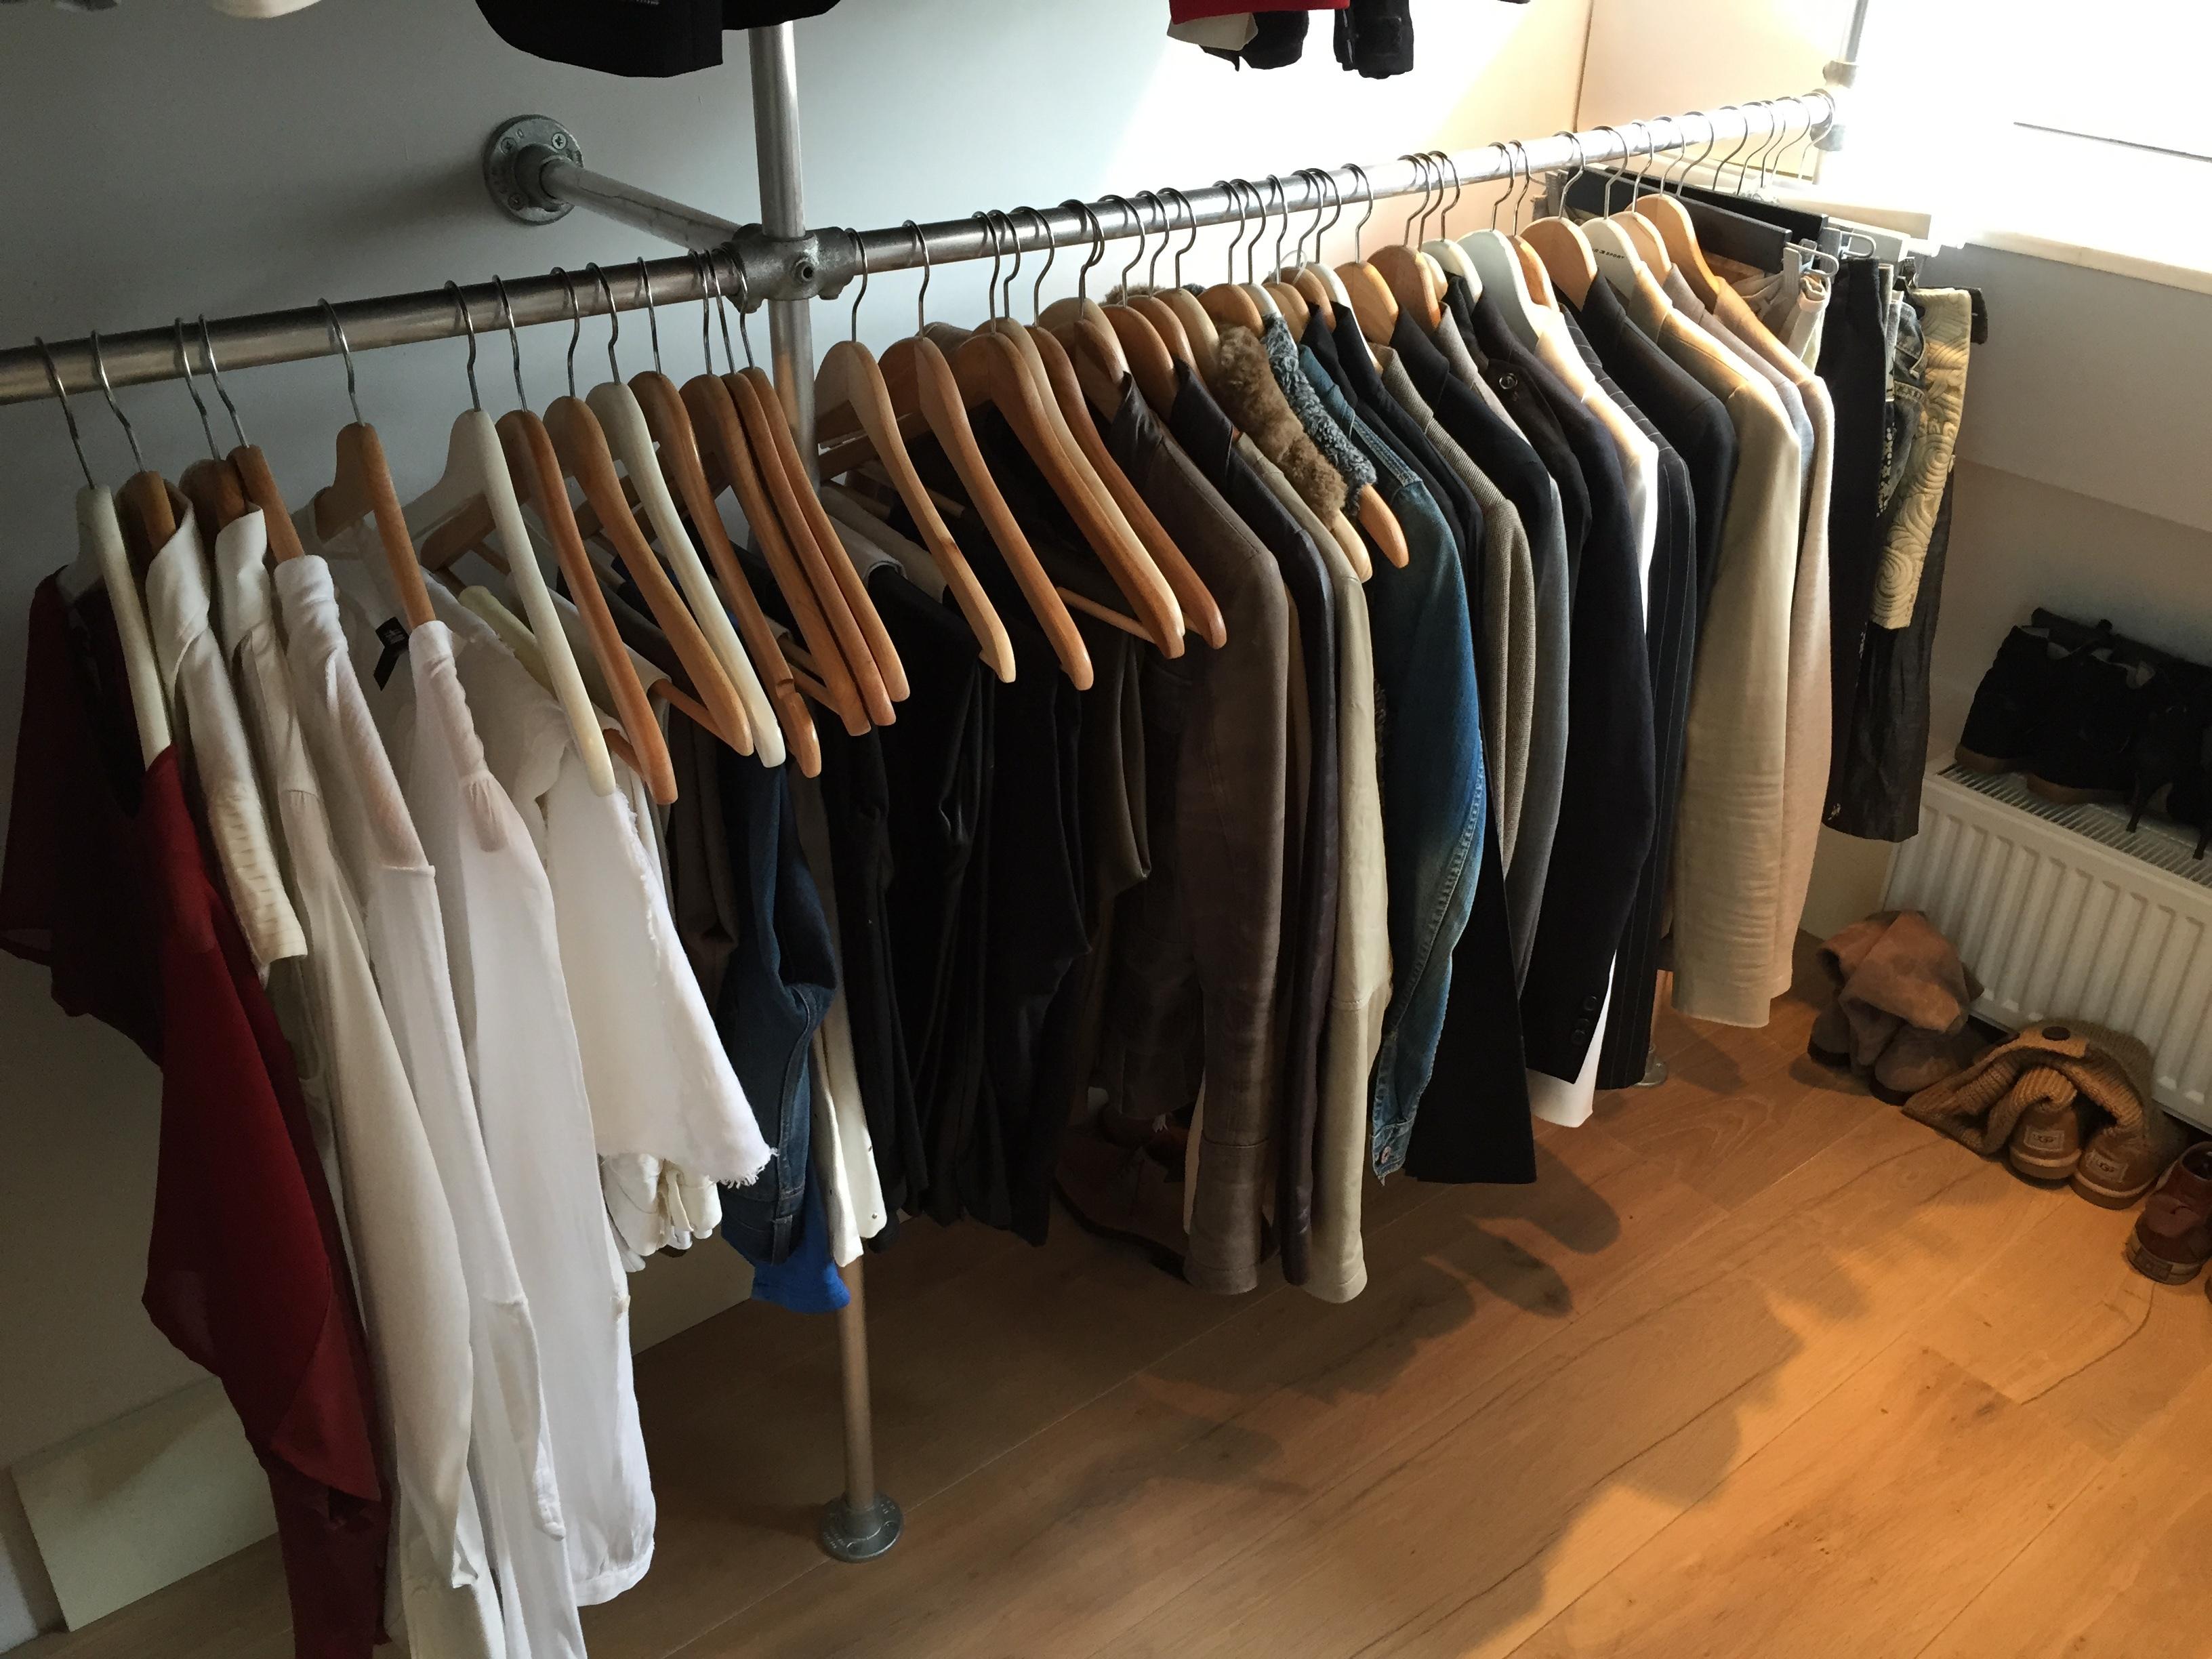 Buizenframe kledingrek : voordemakers.nl